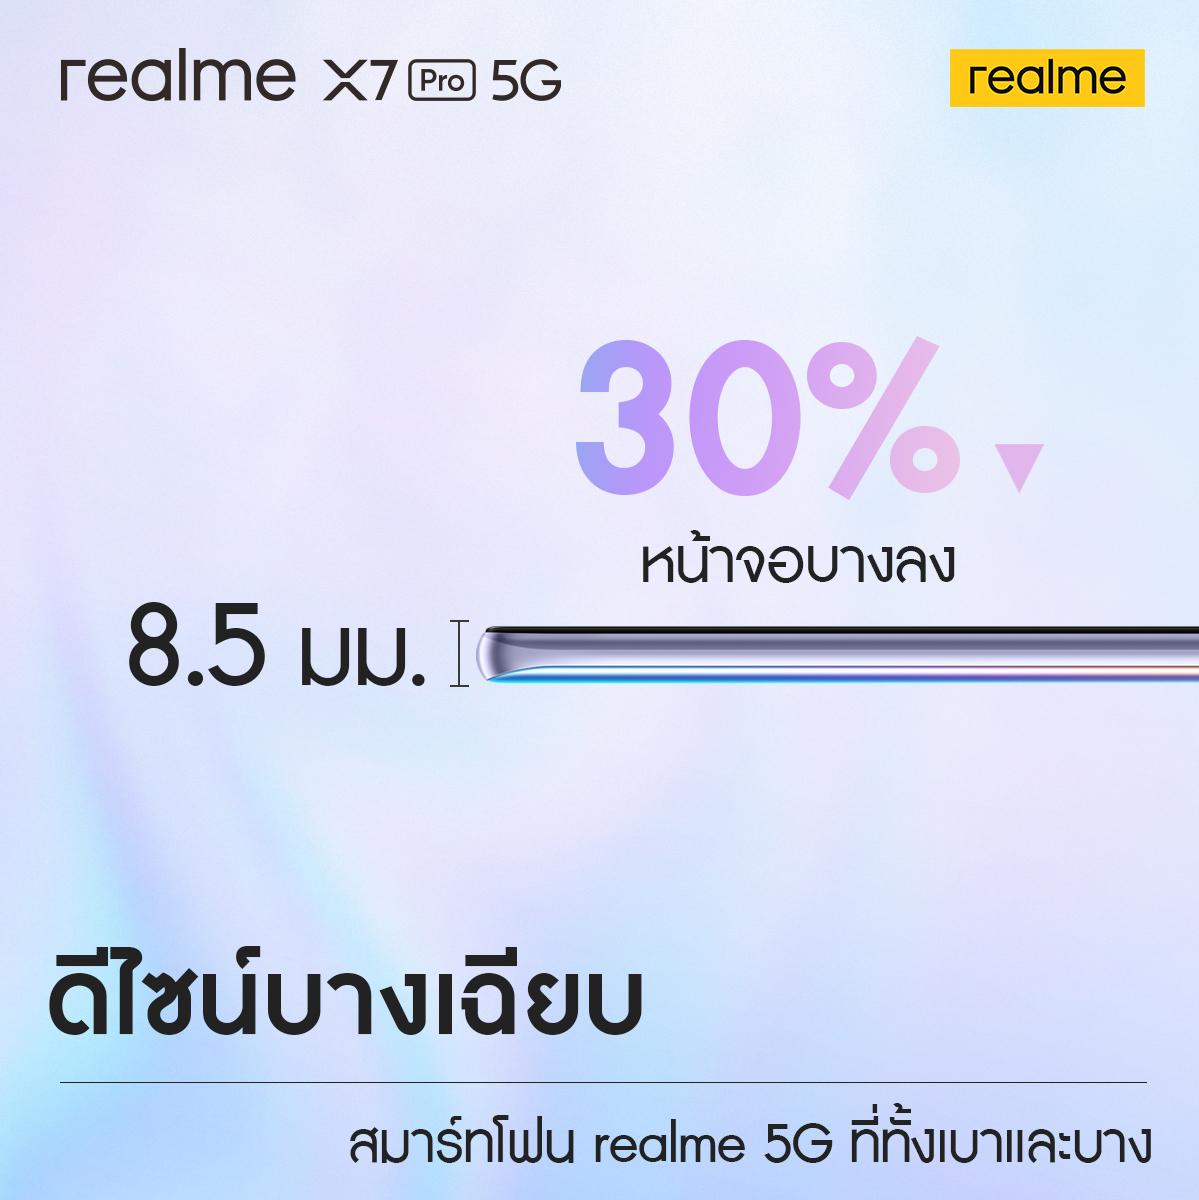 realme_X7 Pro_Irredesc ent_02